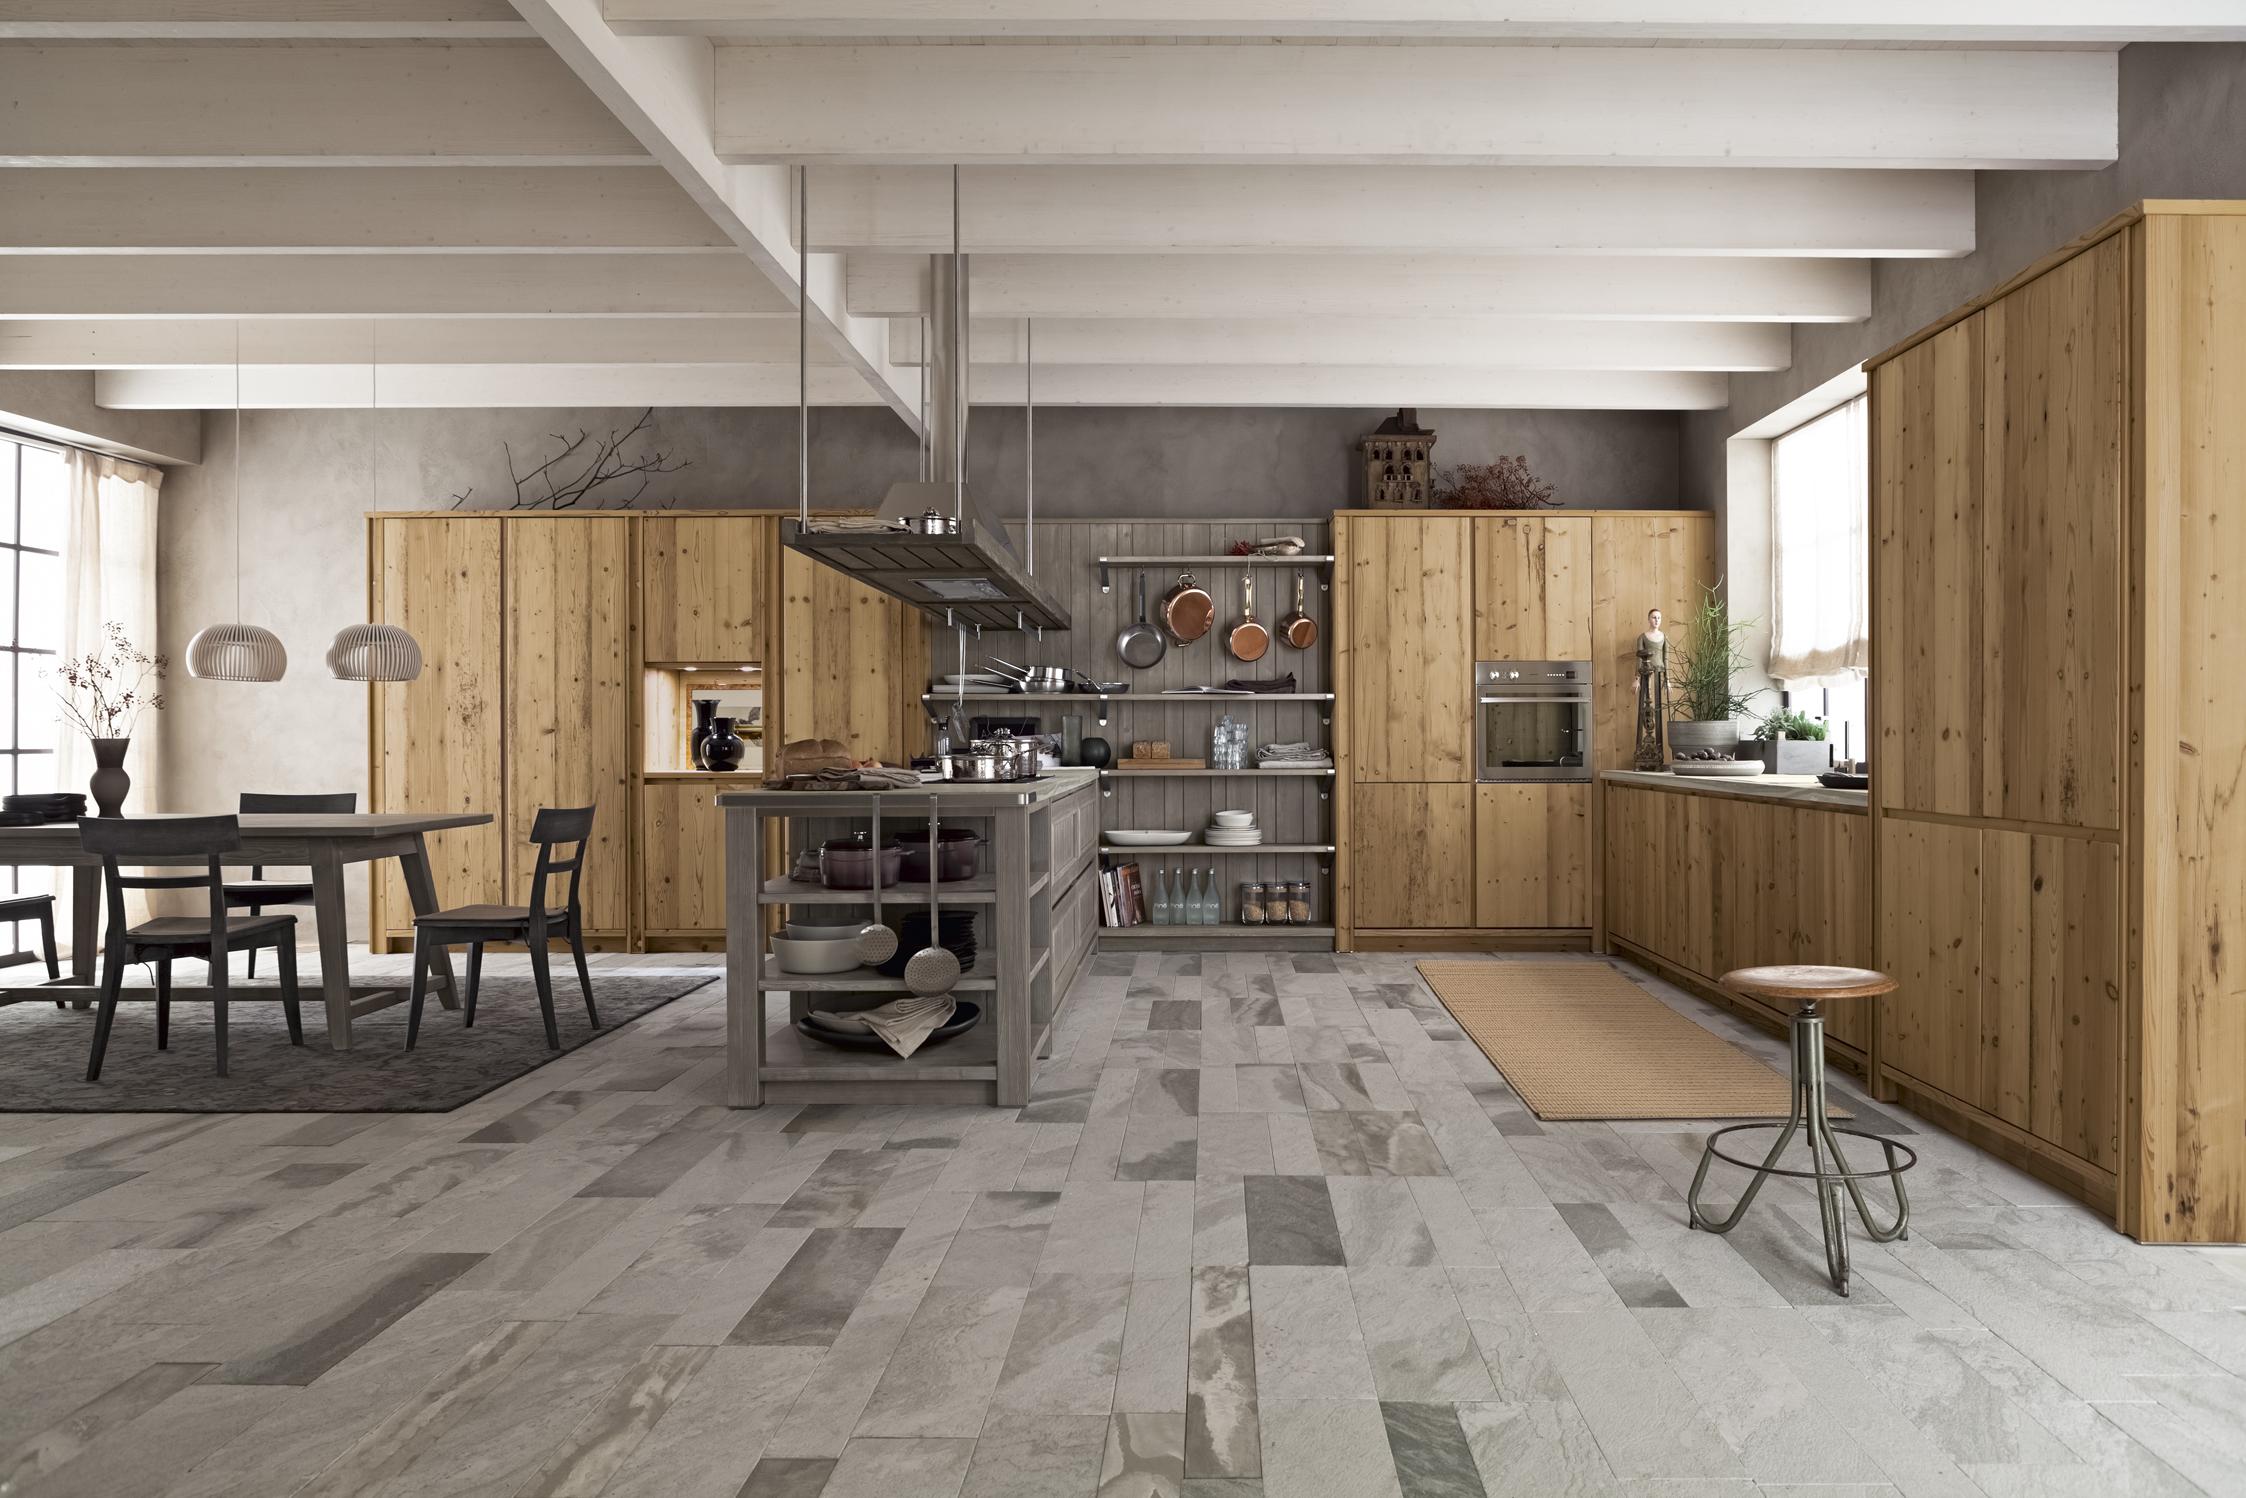 Piano Cucina Finto Legno : Top cucina effetto legno. Top cucina ...